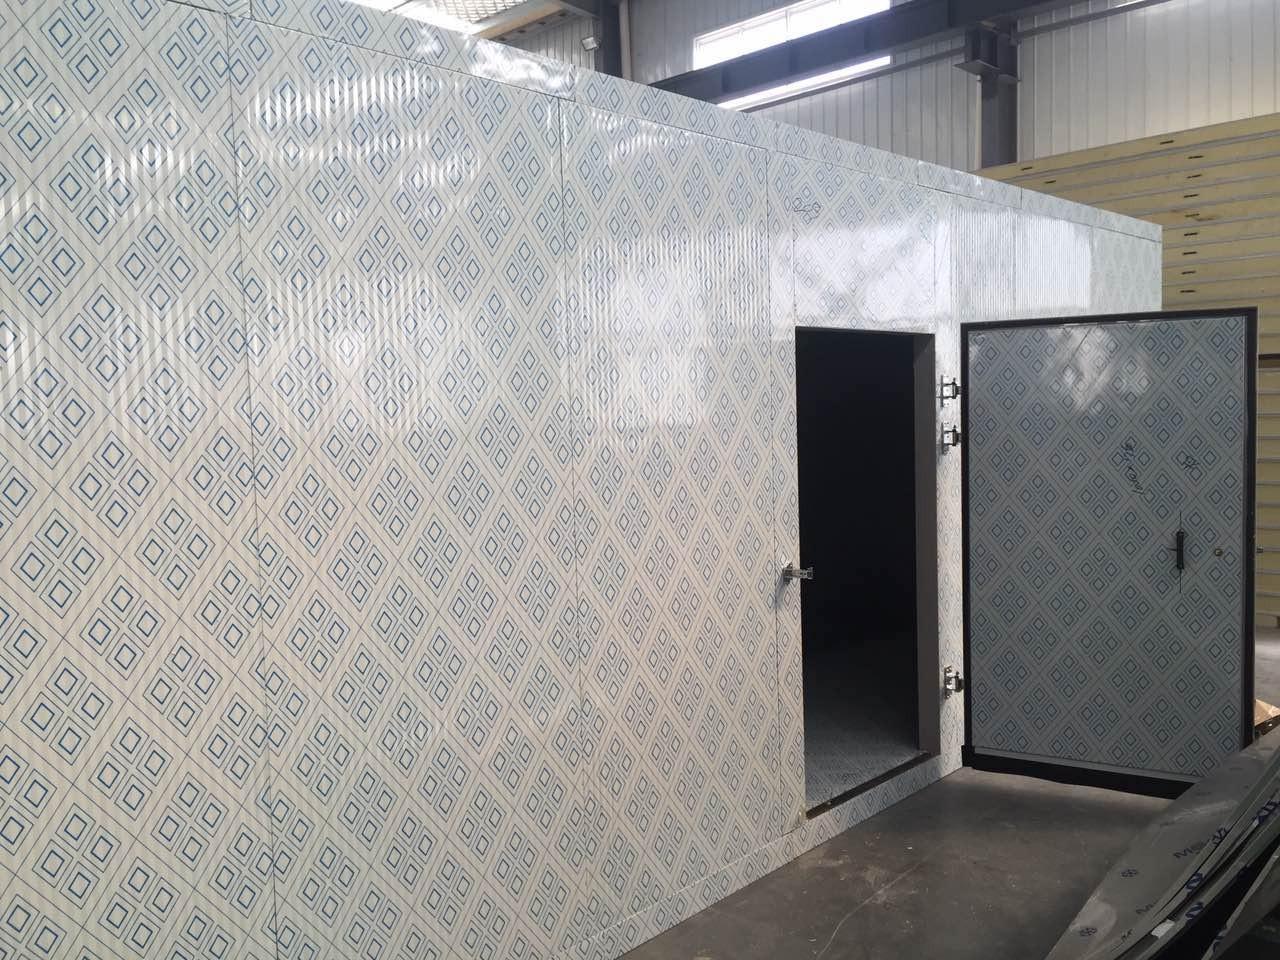 冷库保温板 聚氨酯复合彩钢夹芯冷库板 不锈钢隔热冷库板